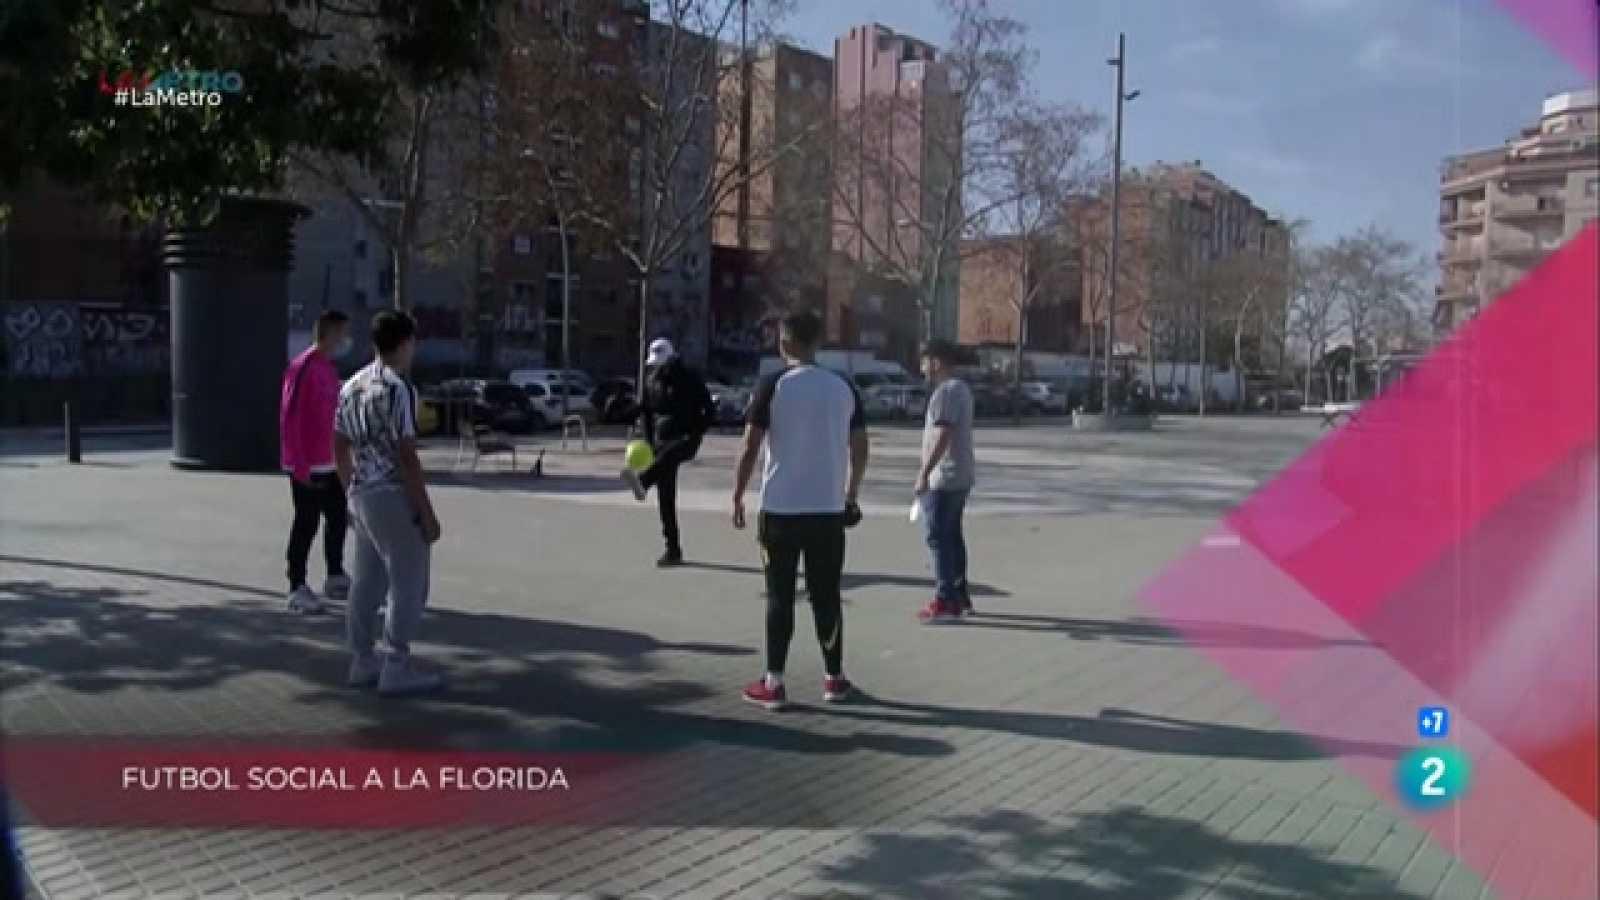 Futbol social, Aprenents de peixater i Cuidar el Delta a La Metro